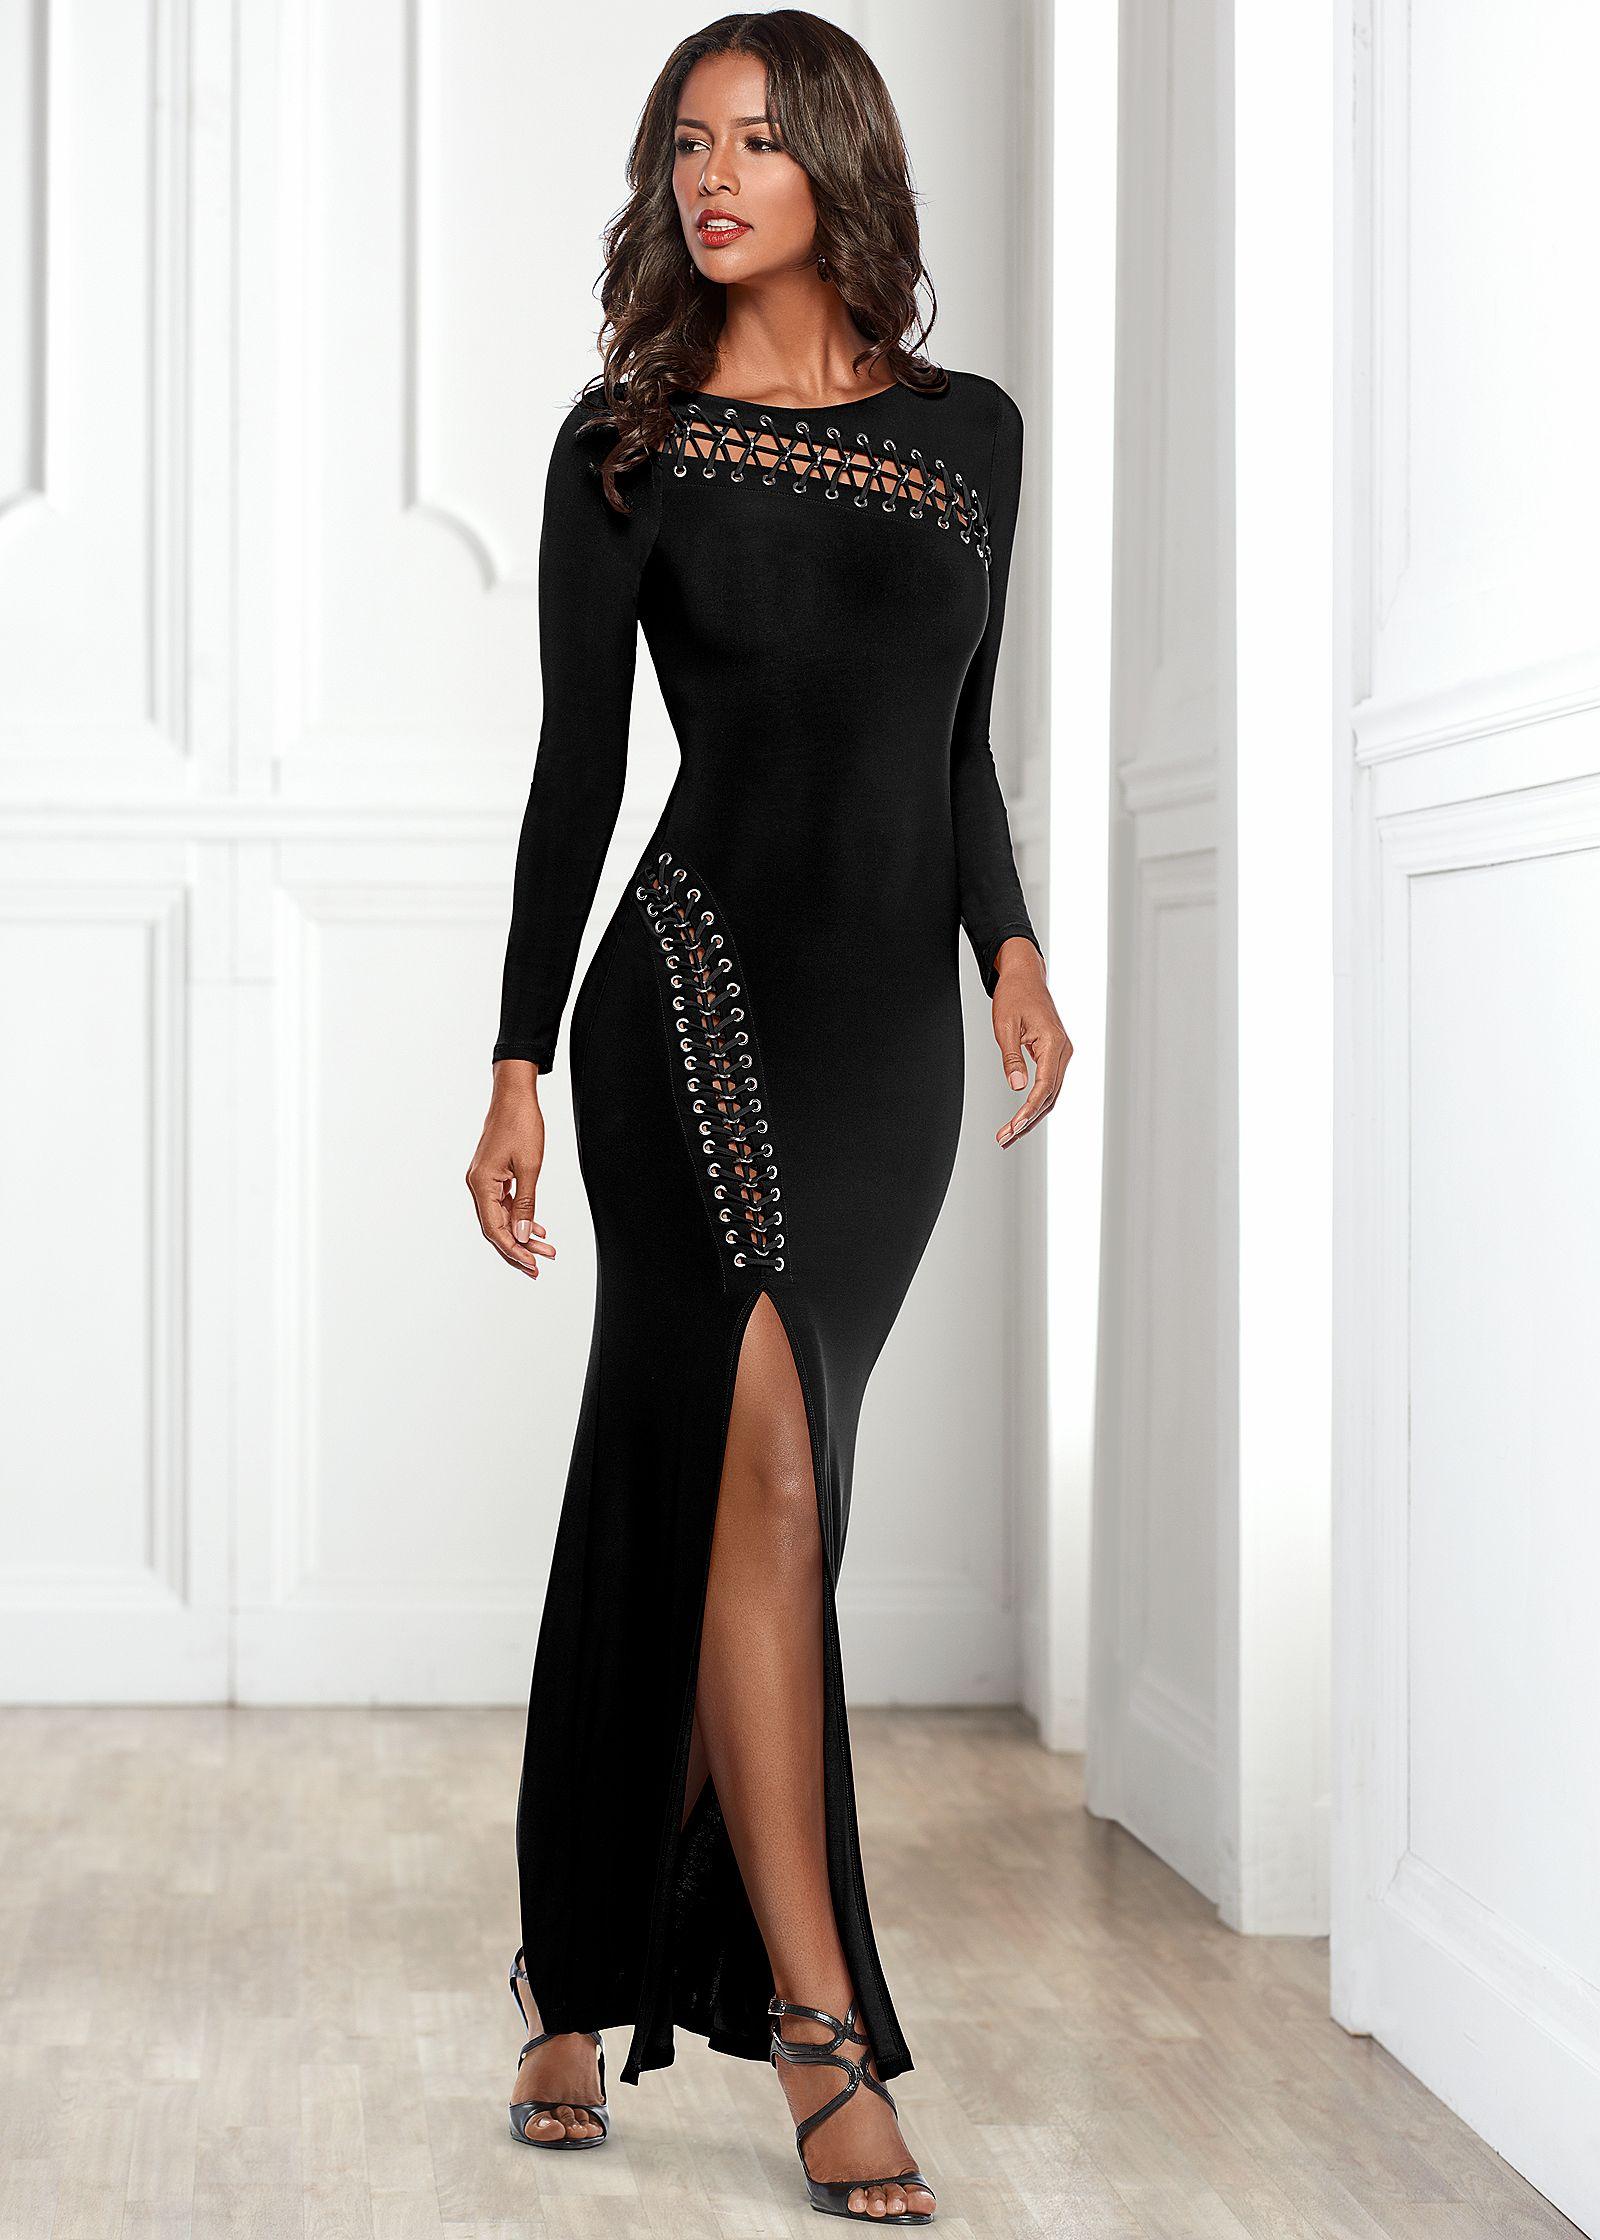 Long black cocktail dresses for women